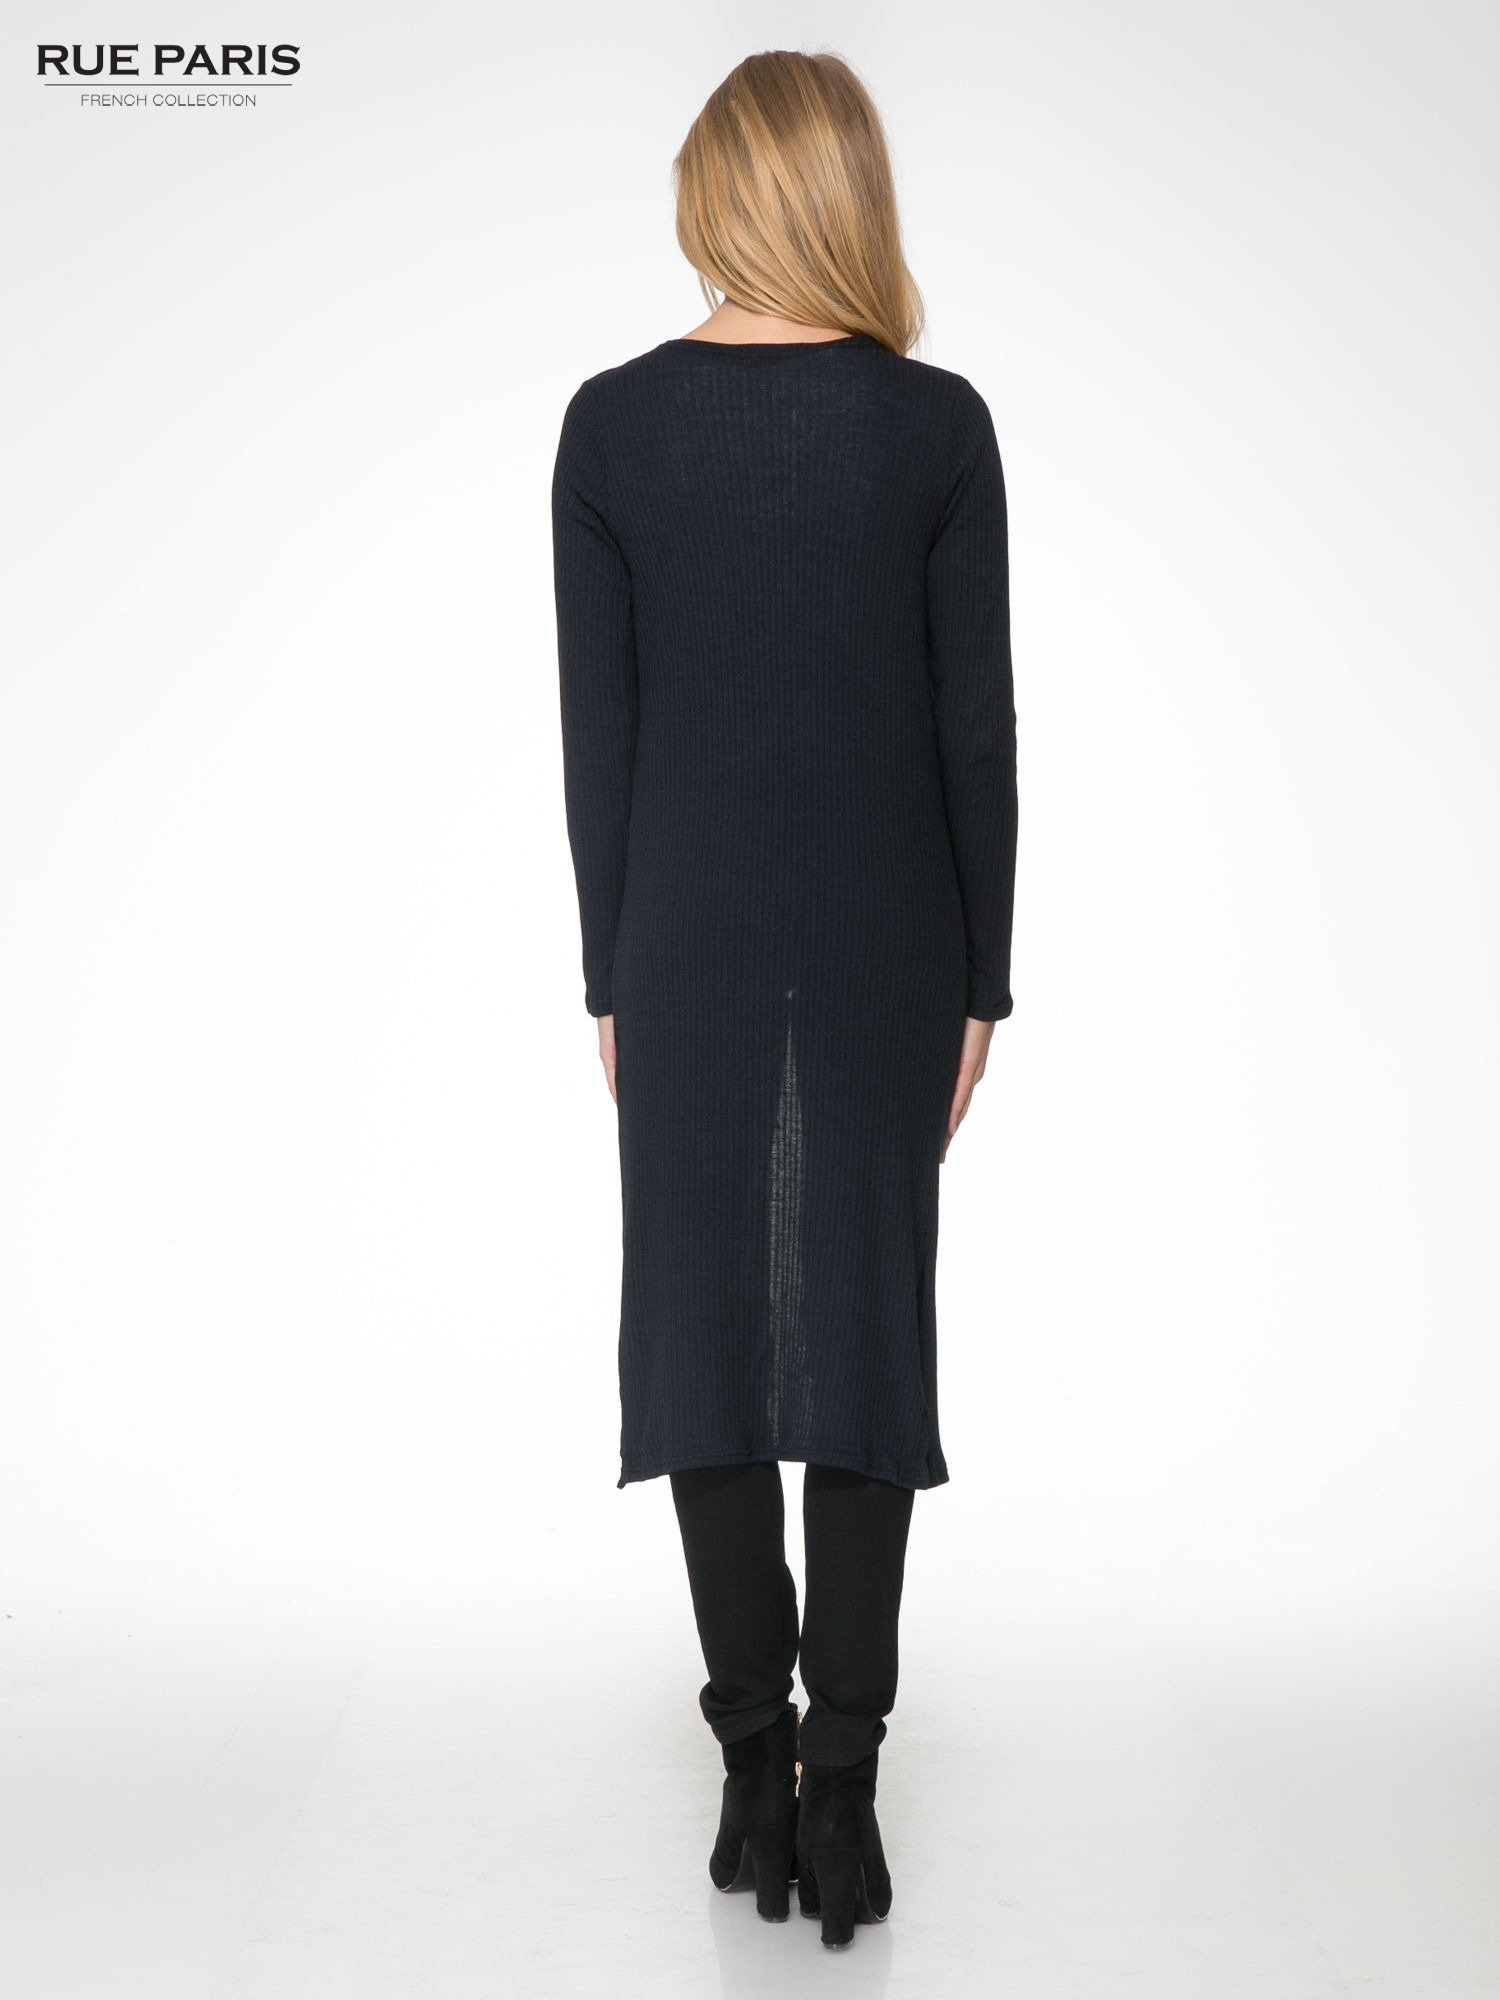 Granatowy długi prążkowany sweter kardigan                                  zdj.                                  4